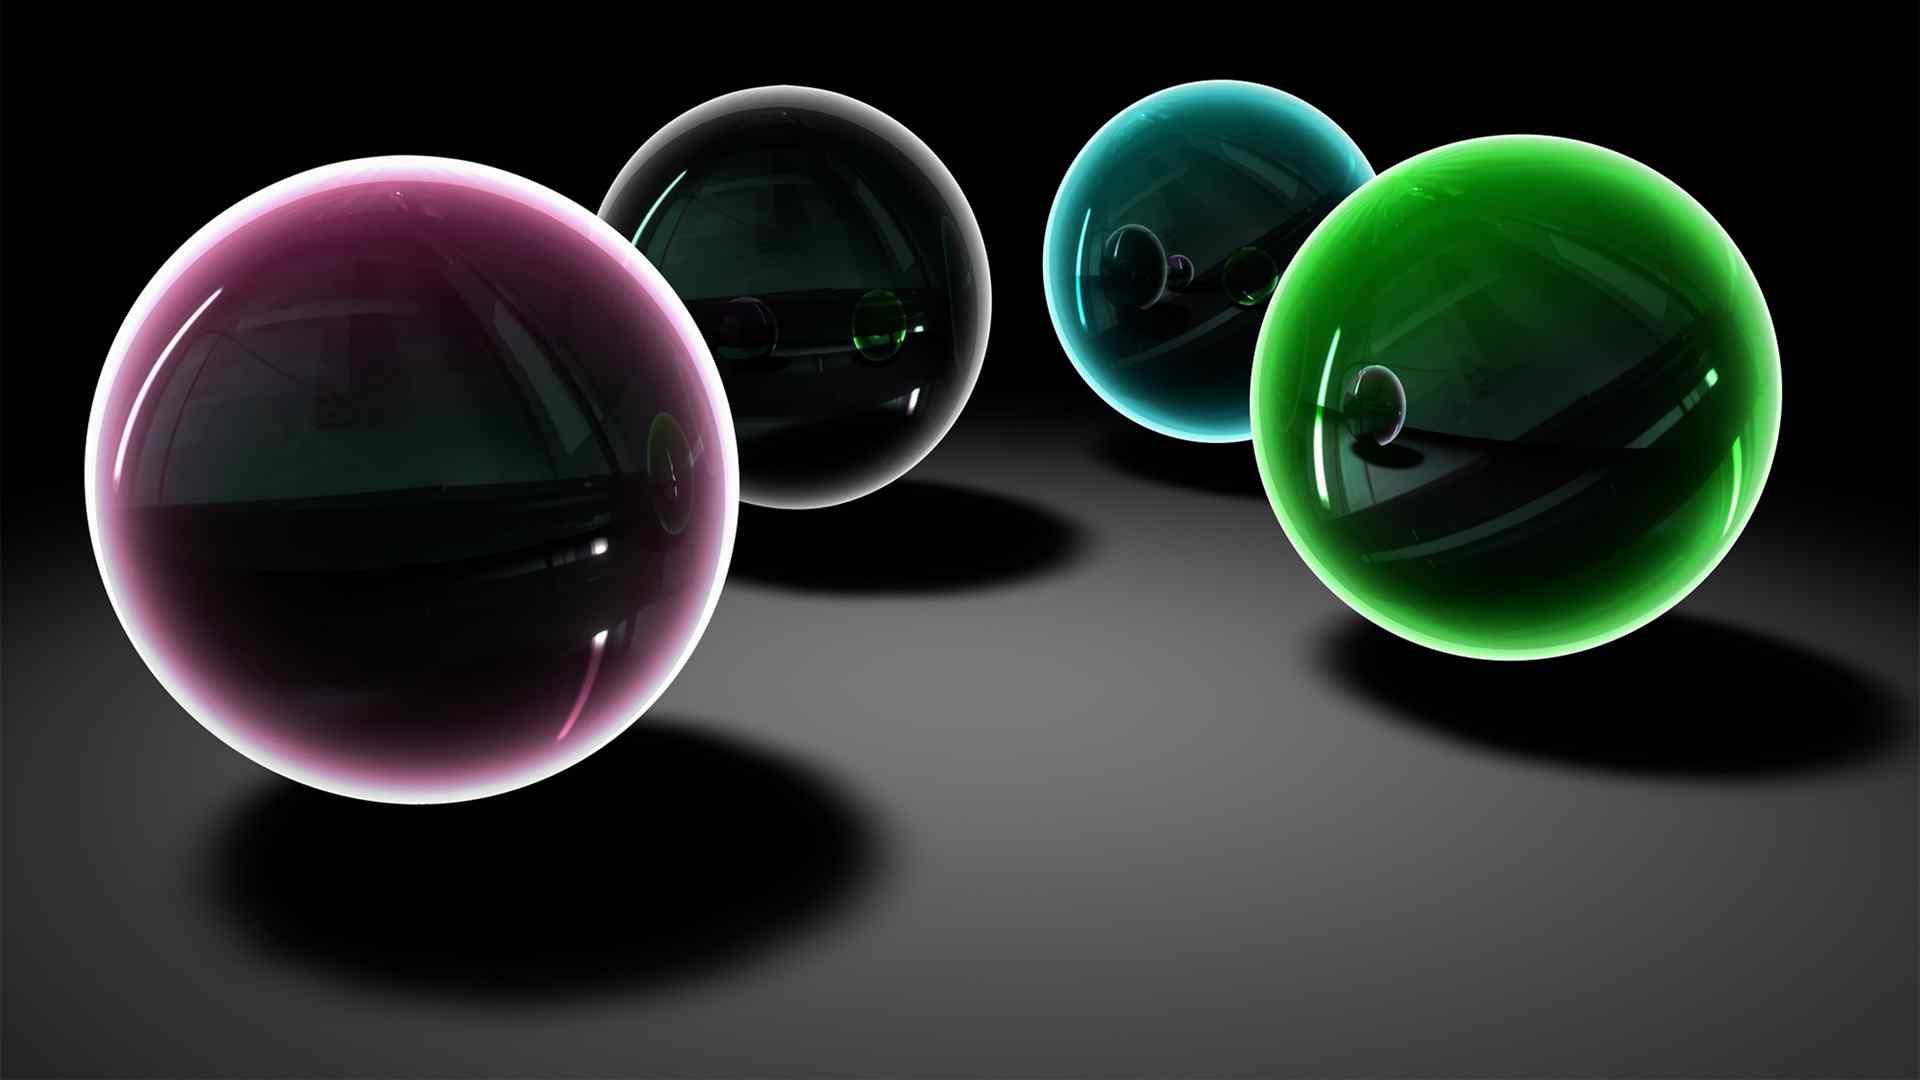 魔幻色彩动感球体壁纸图片